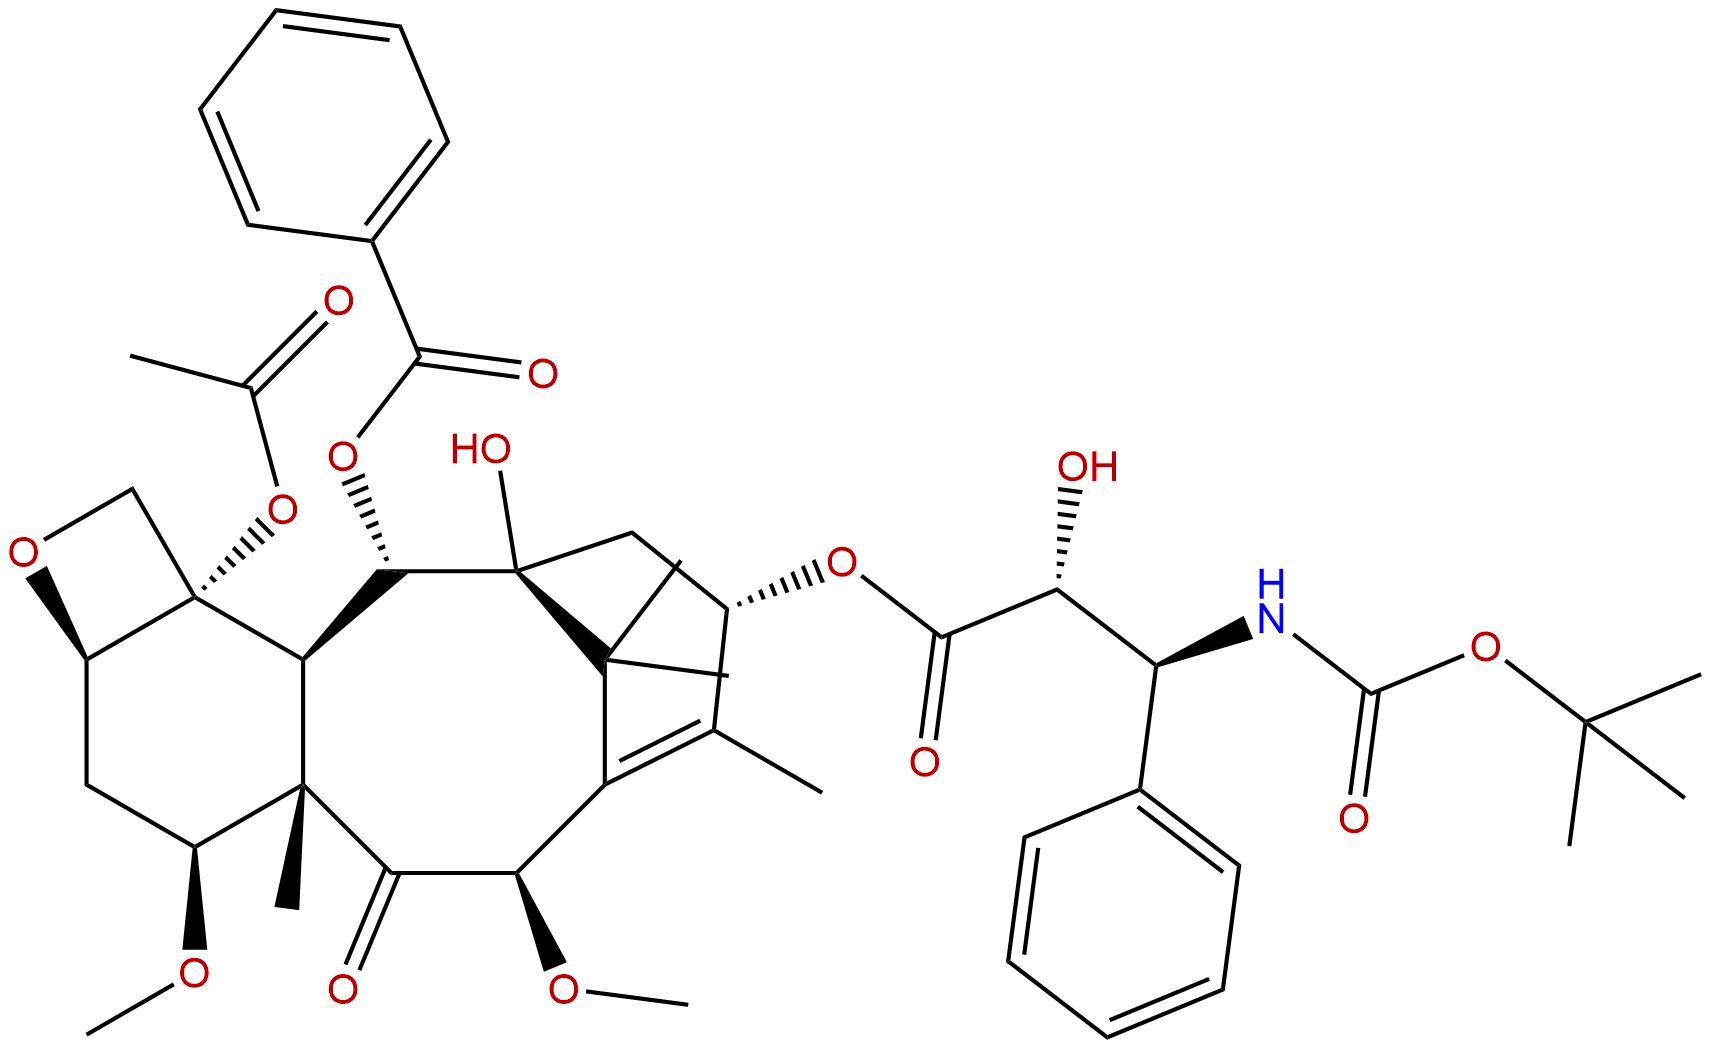 Cabazitaxel